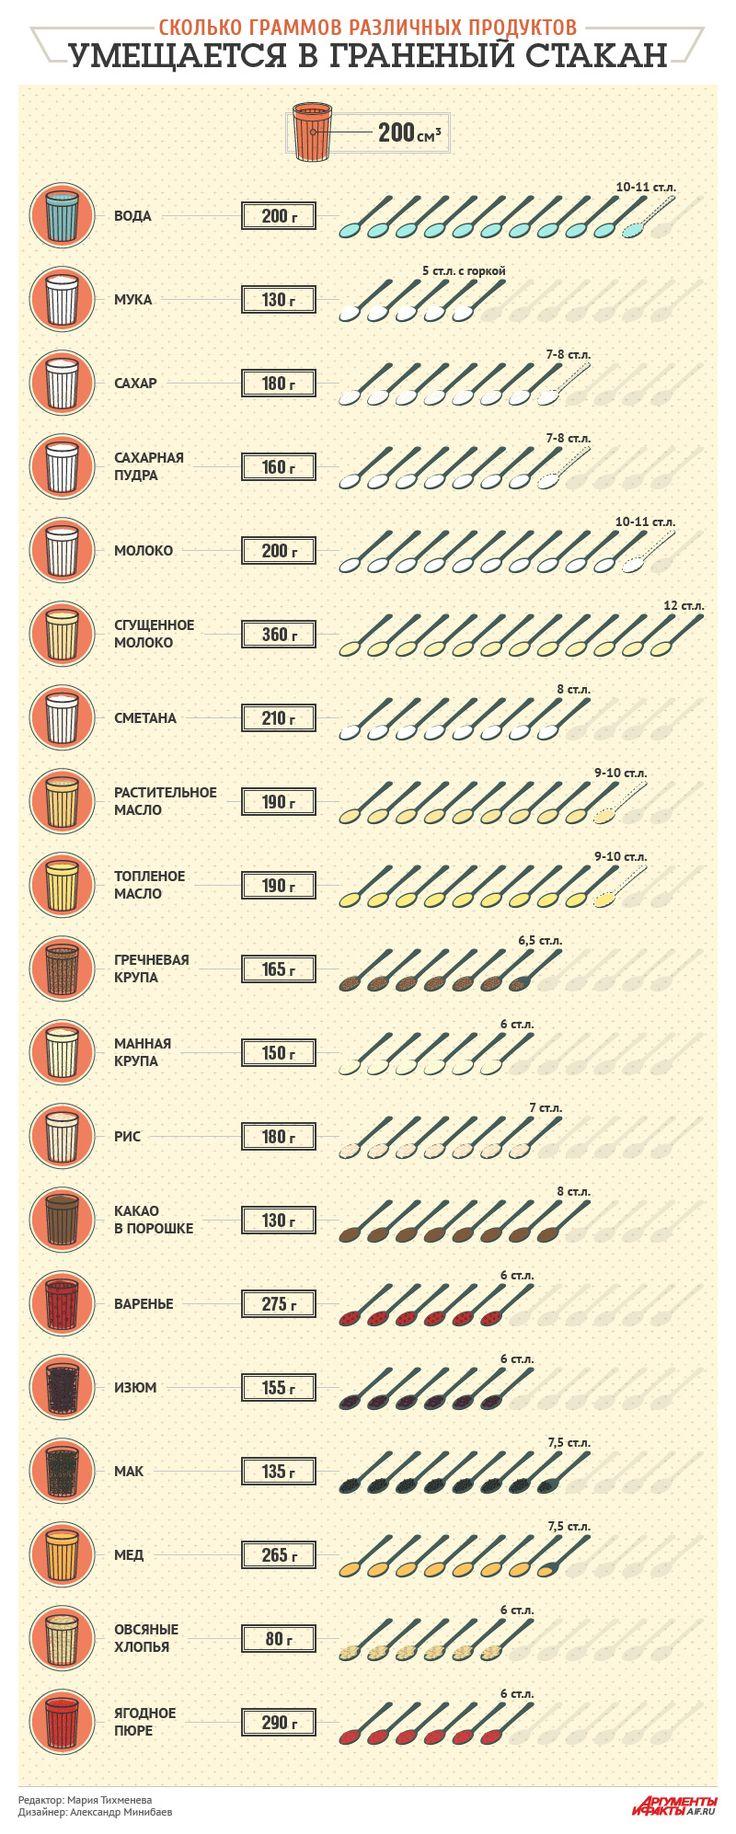 Сколько граммов различных продуктов вмещается в граненый стакан. Памятка | Продукты и напитки | Кухня | Аргументы и Факты